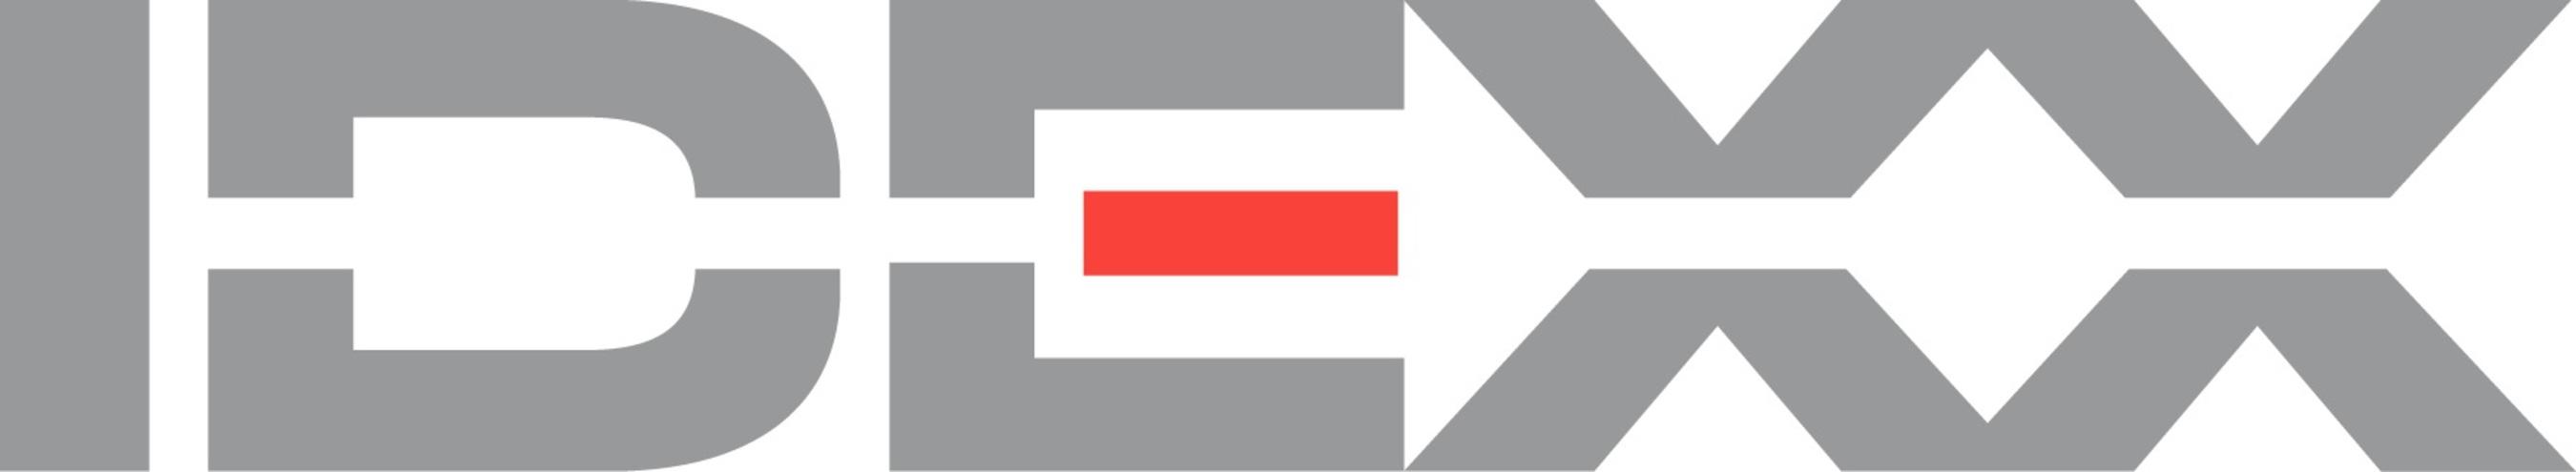 IDEXX Laboratories, Inc. logo.